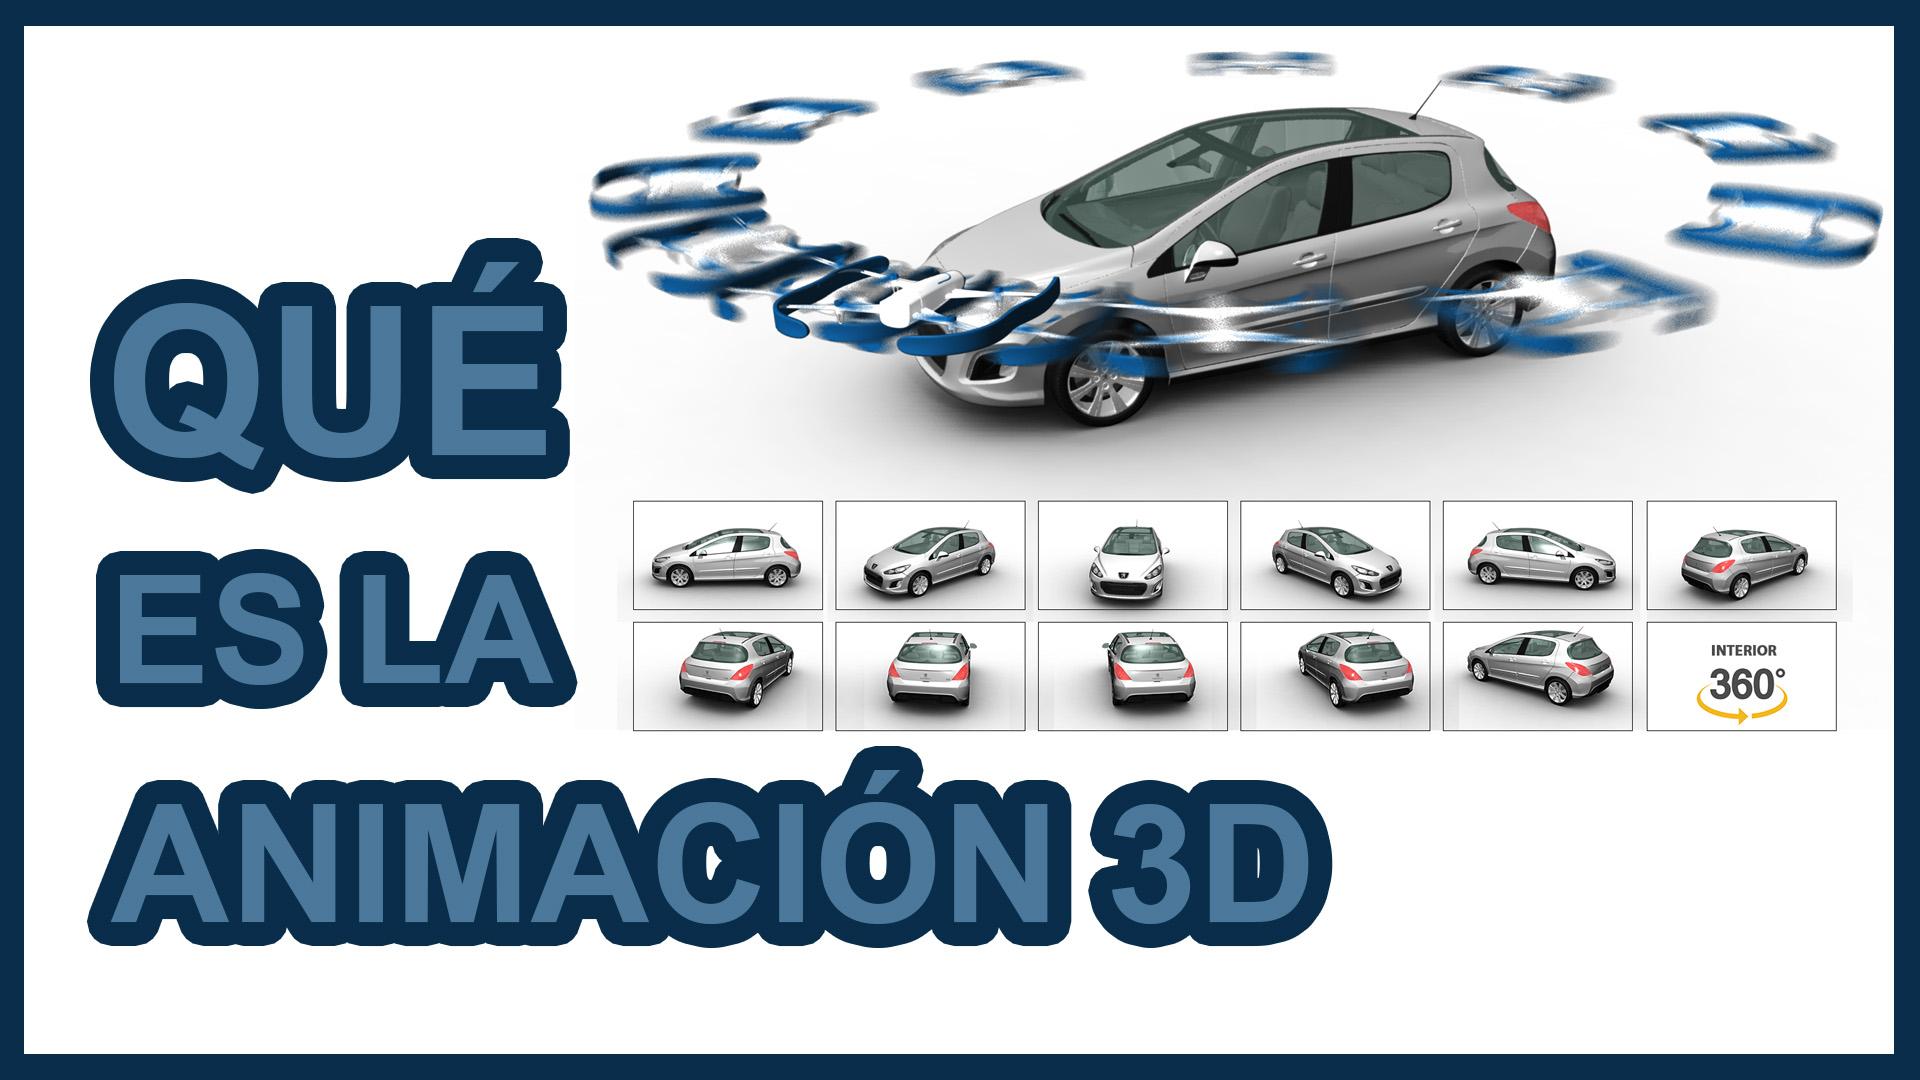 Qué es y qué ventajas tiene la Animación 3D